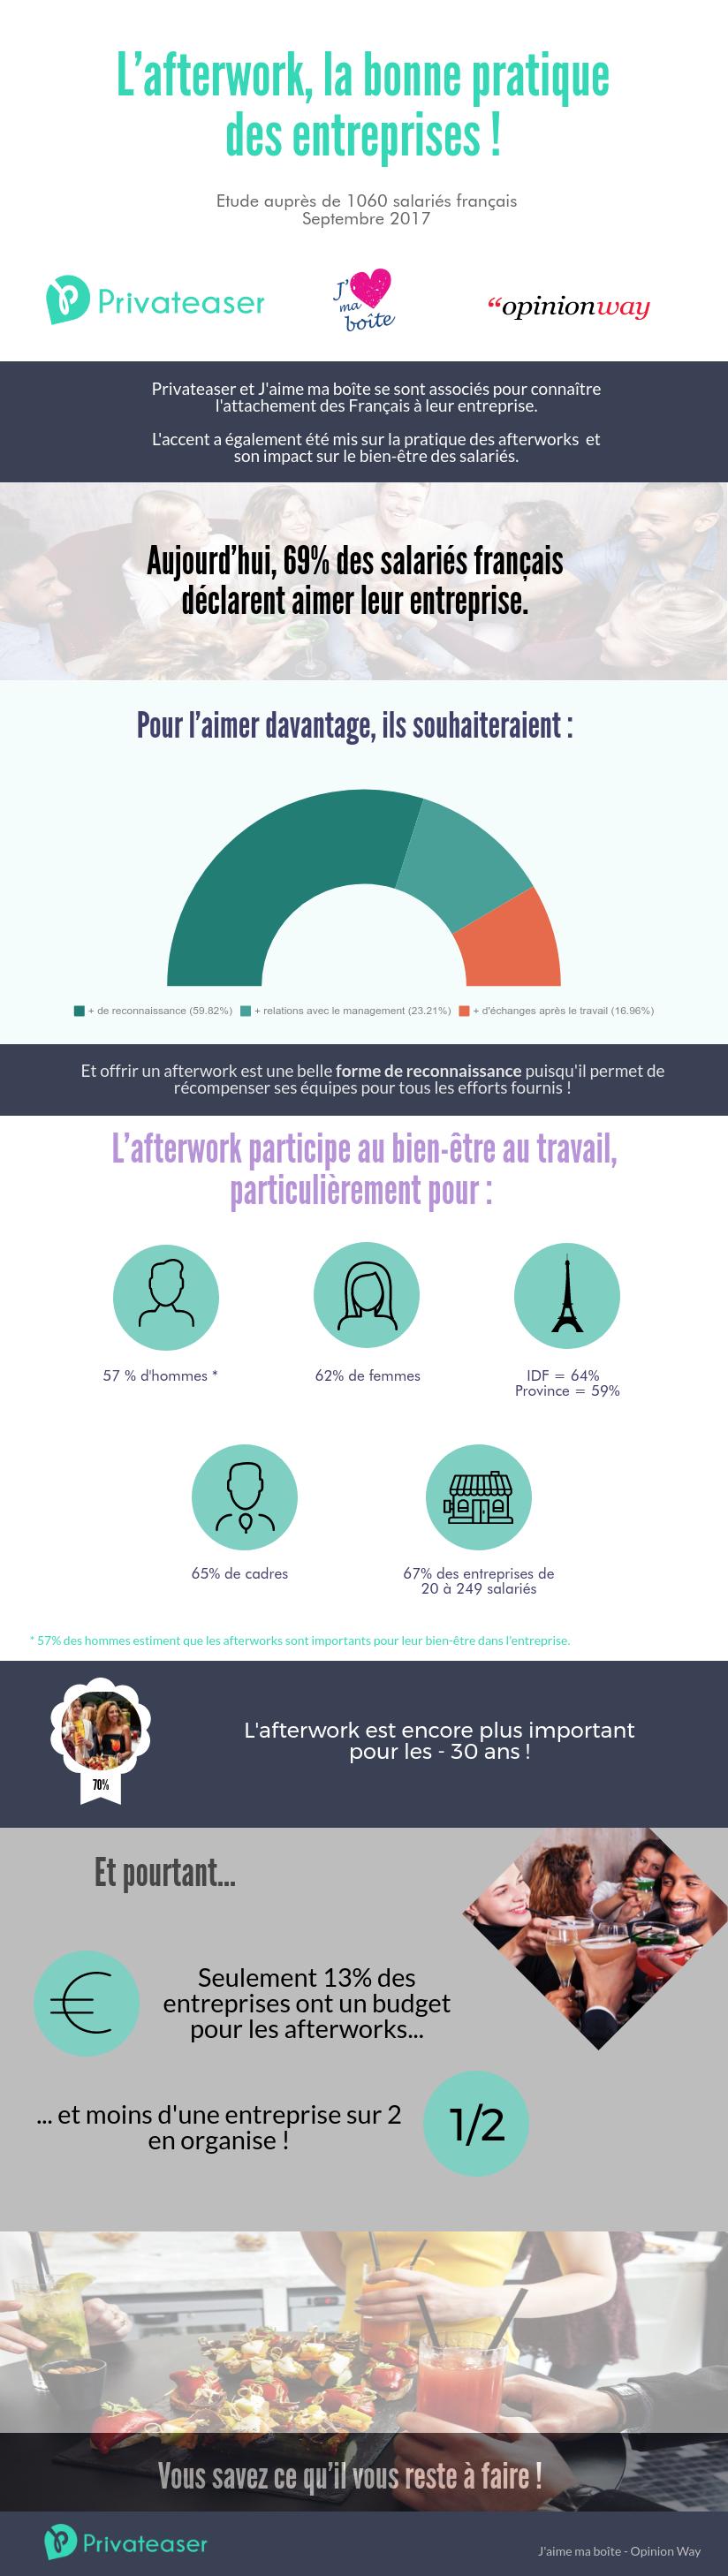 Les afterworks sont des outils de bien-être en entreprise pour une majorité de collaborateurs